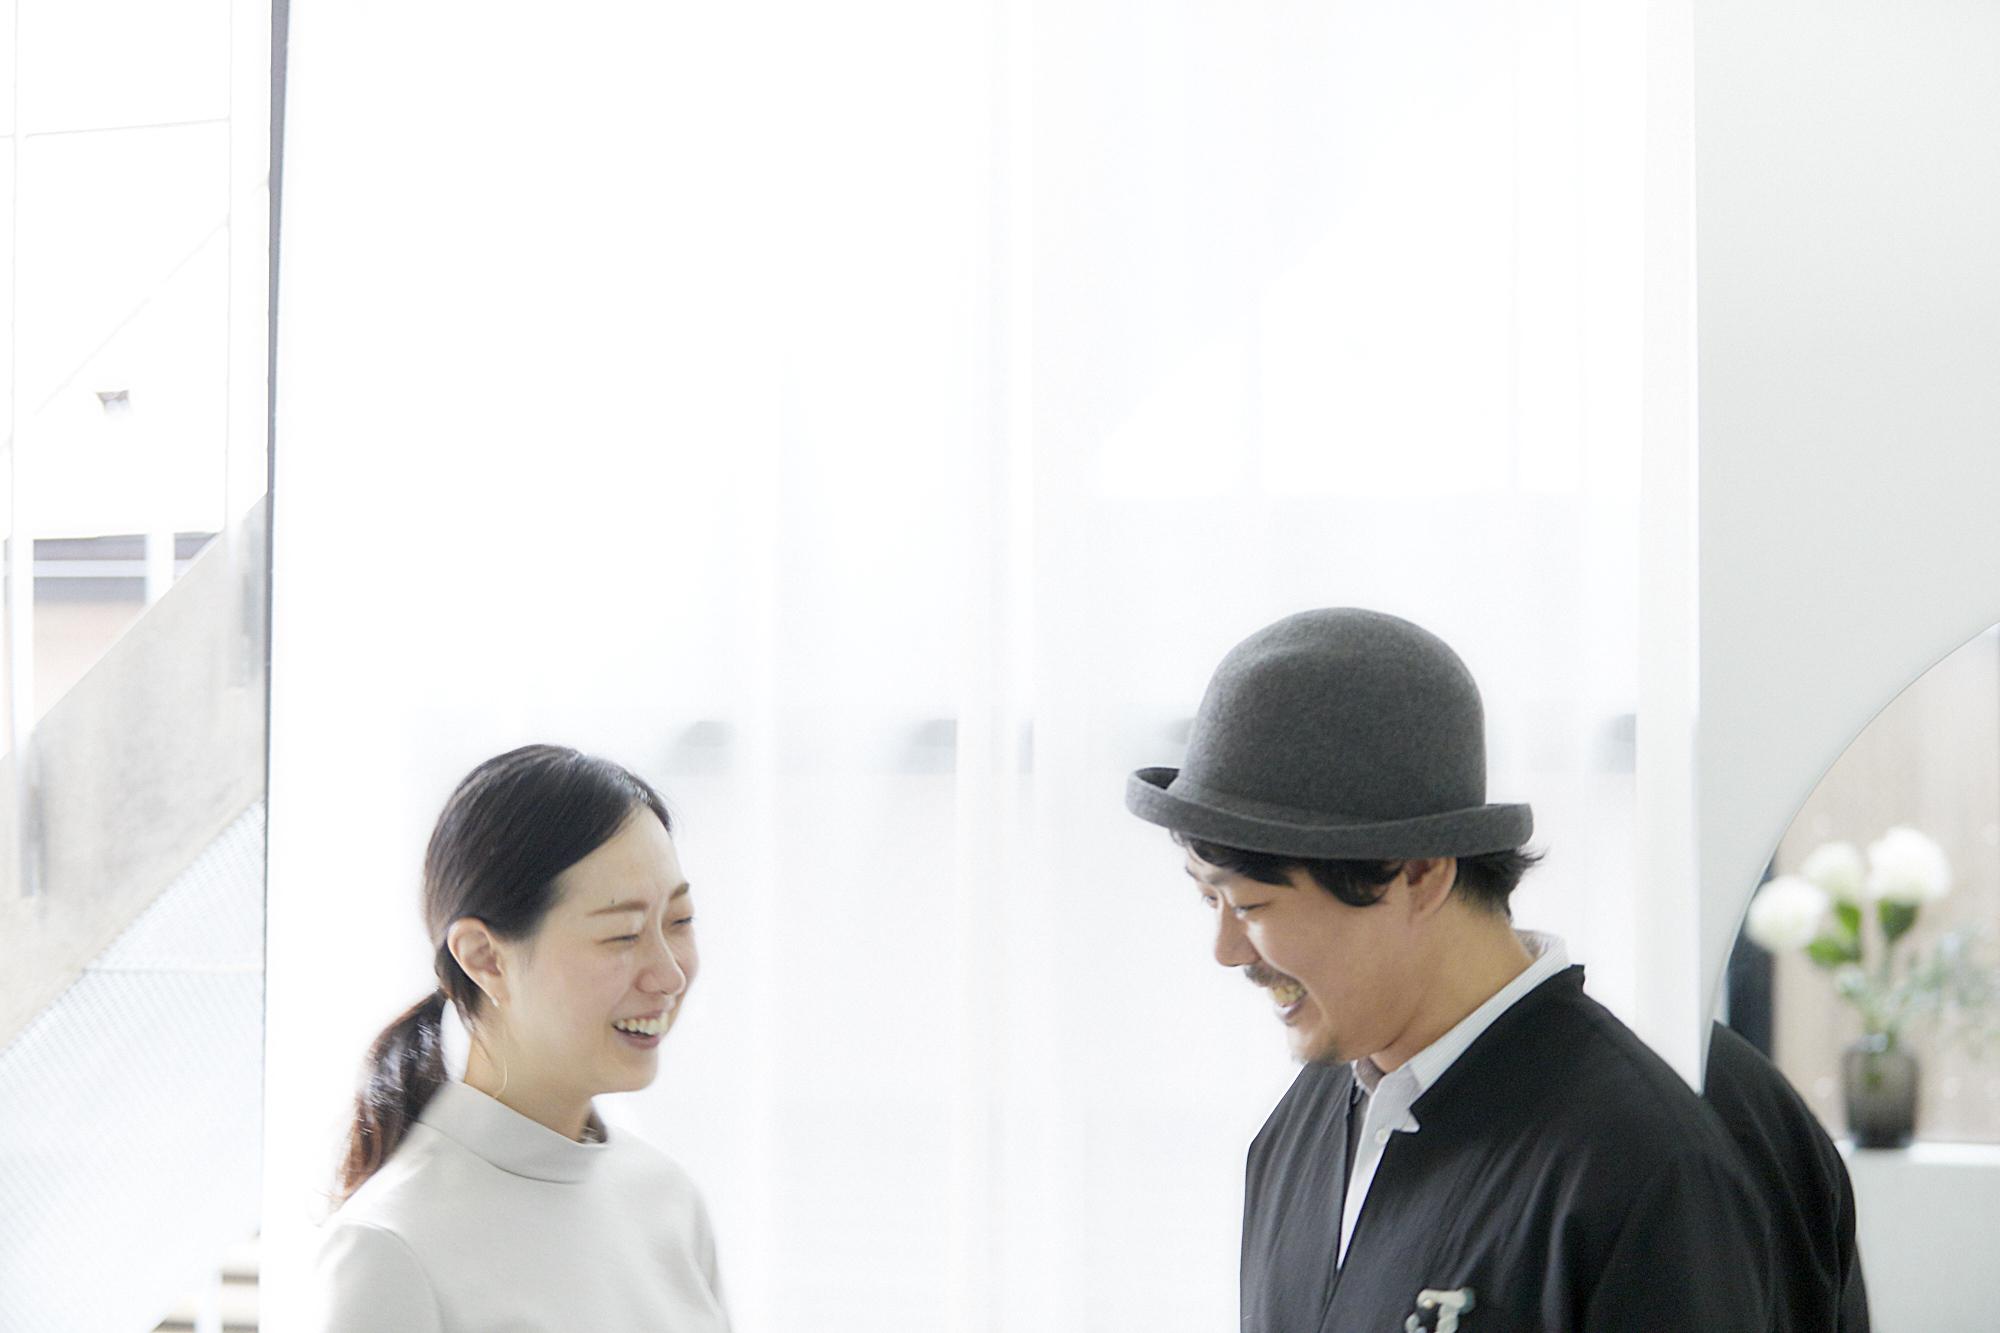 「西荻窪のアトリエを訪ねて」- 前編 - 《januka》デザイナー中村穣さん 妻・夏子さん